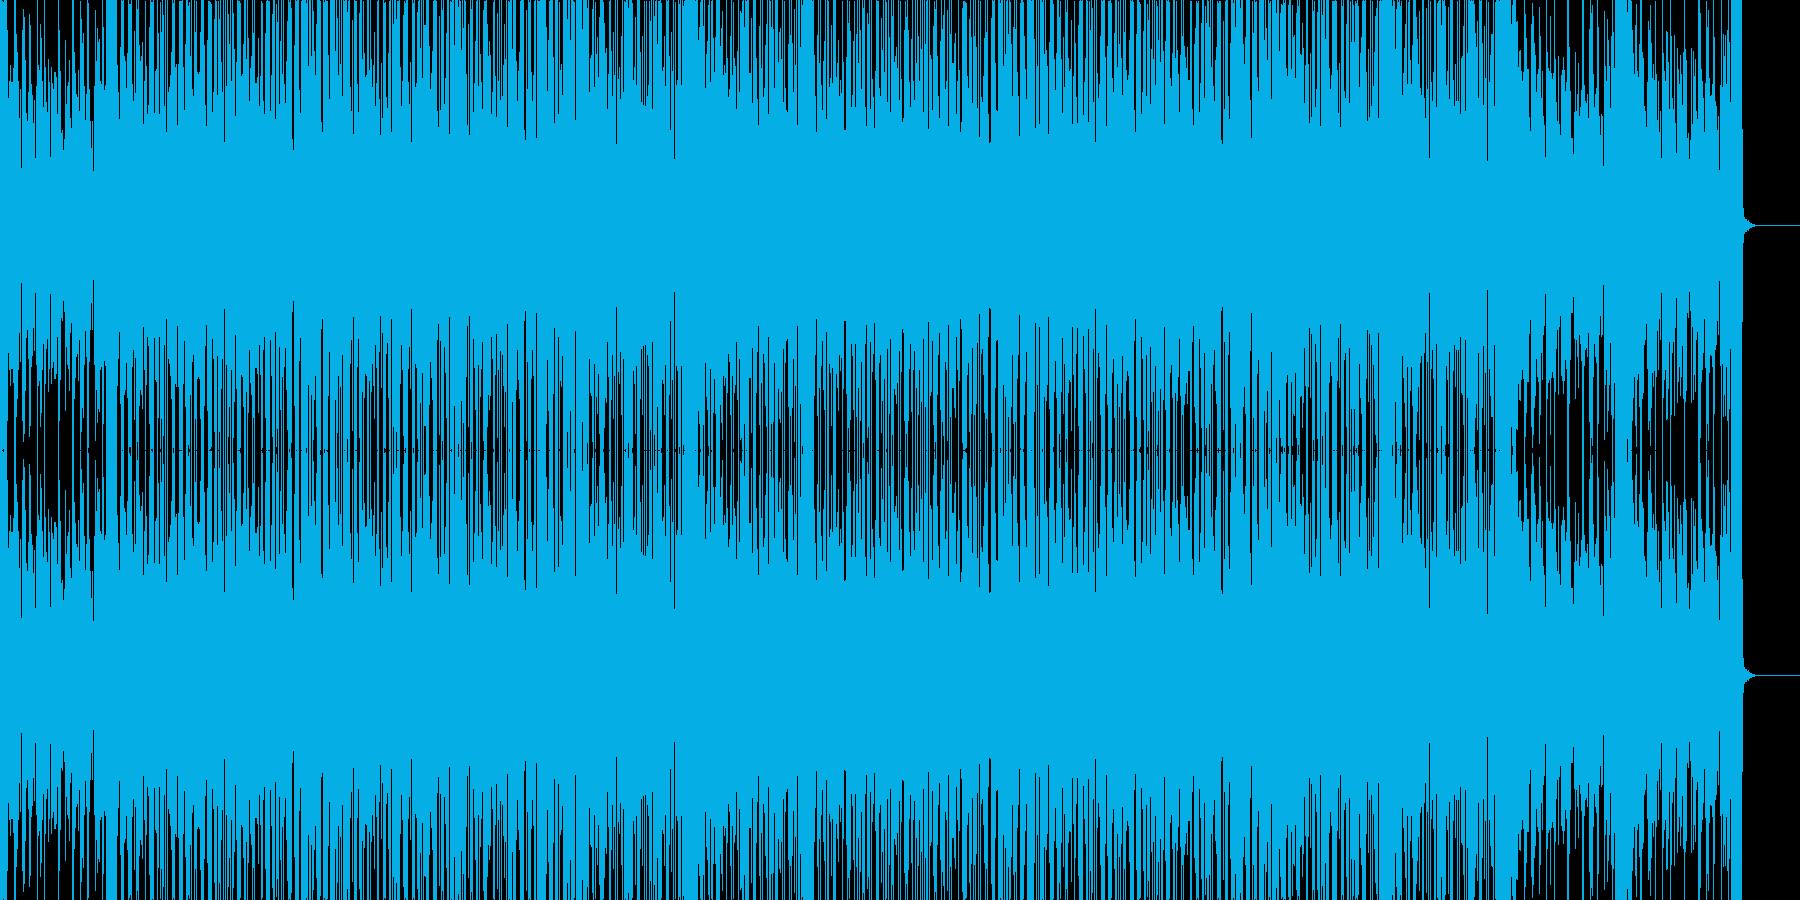 ローファイなビートの再生済みの波形